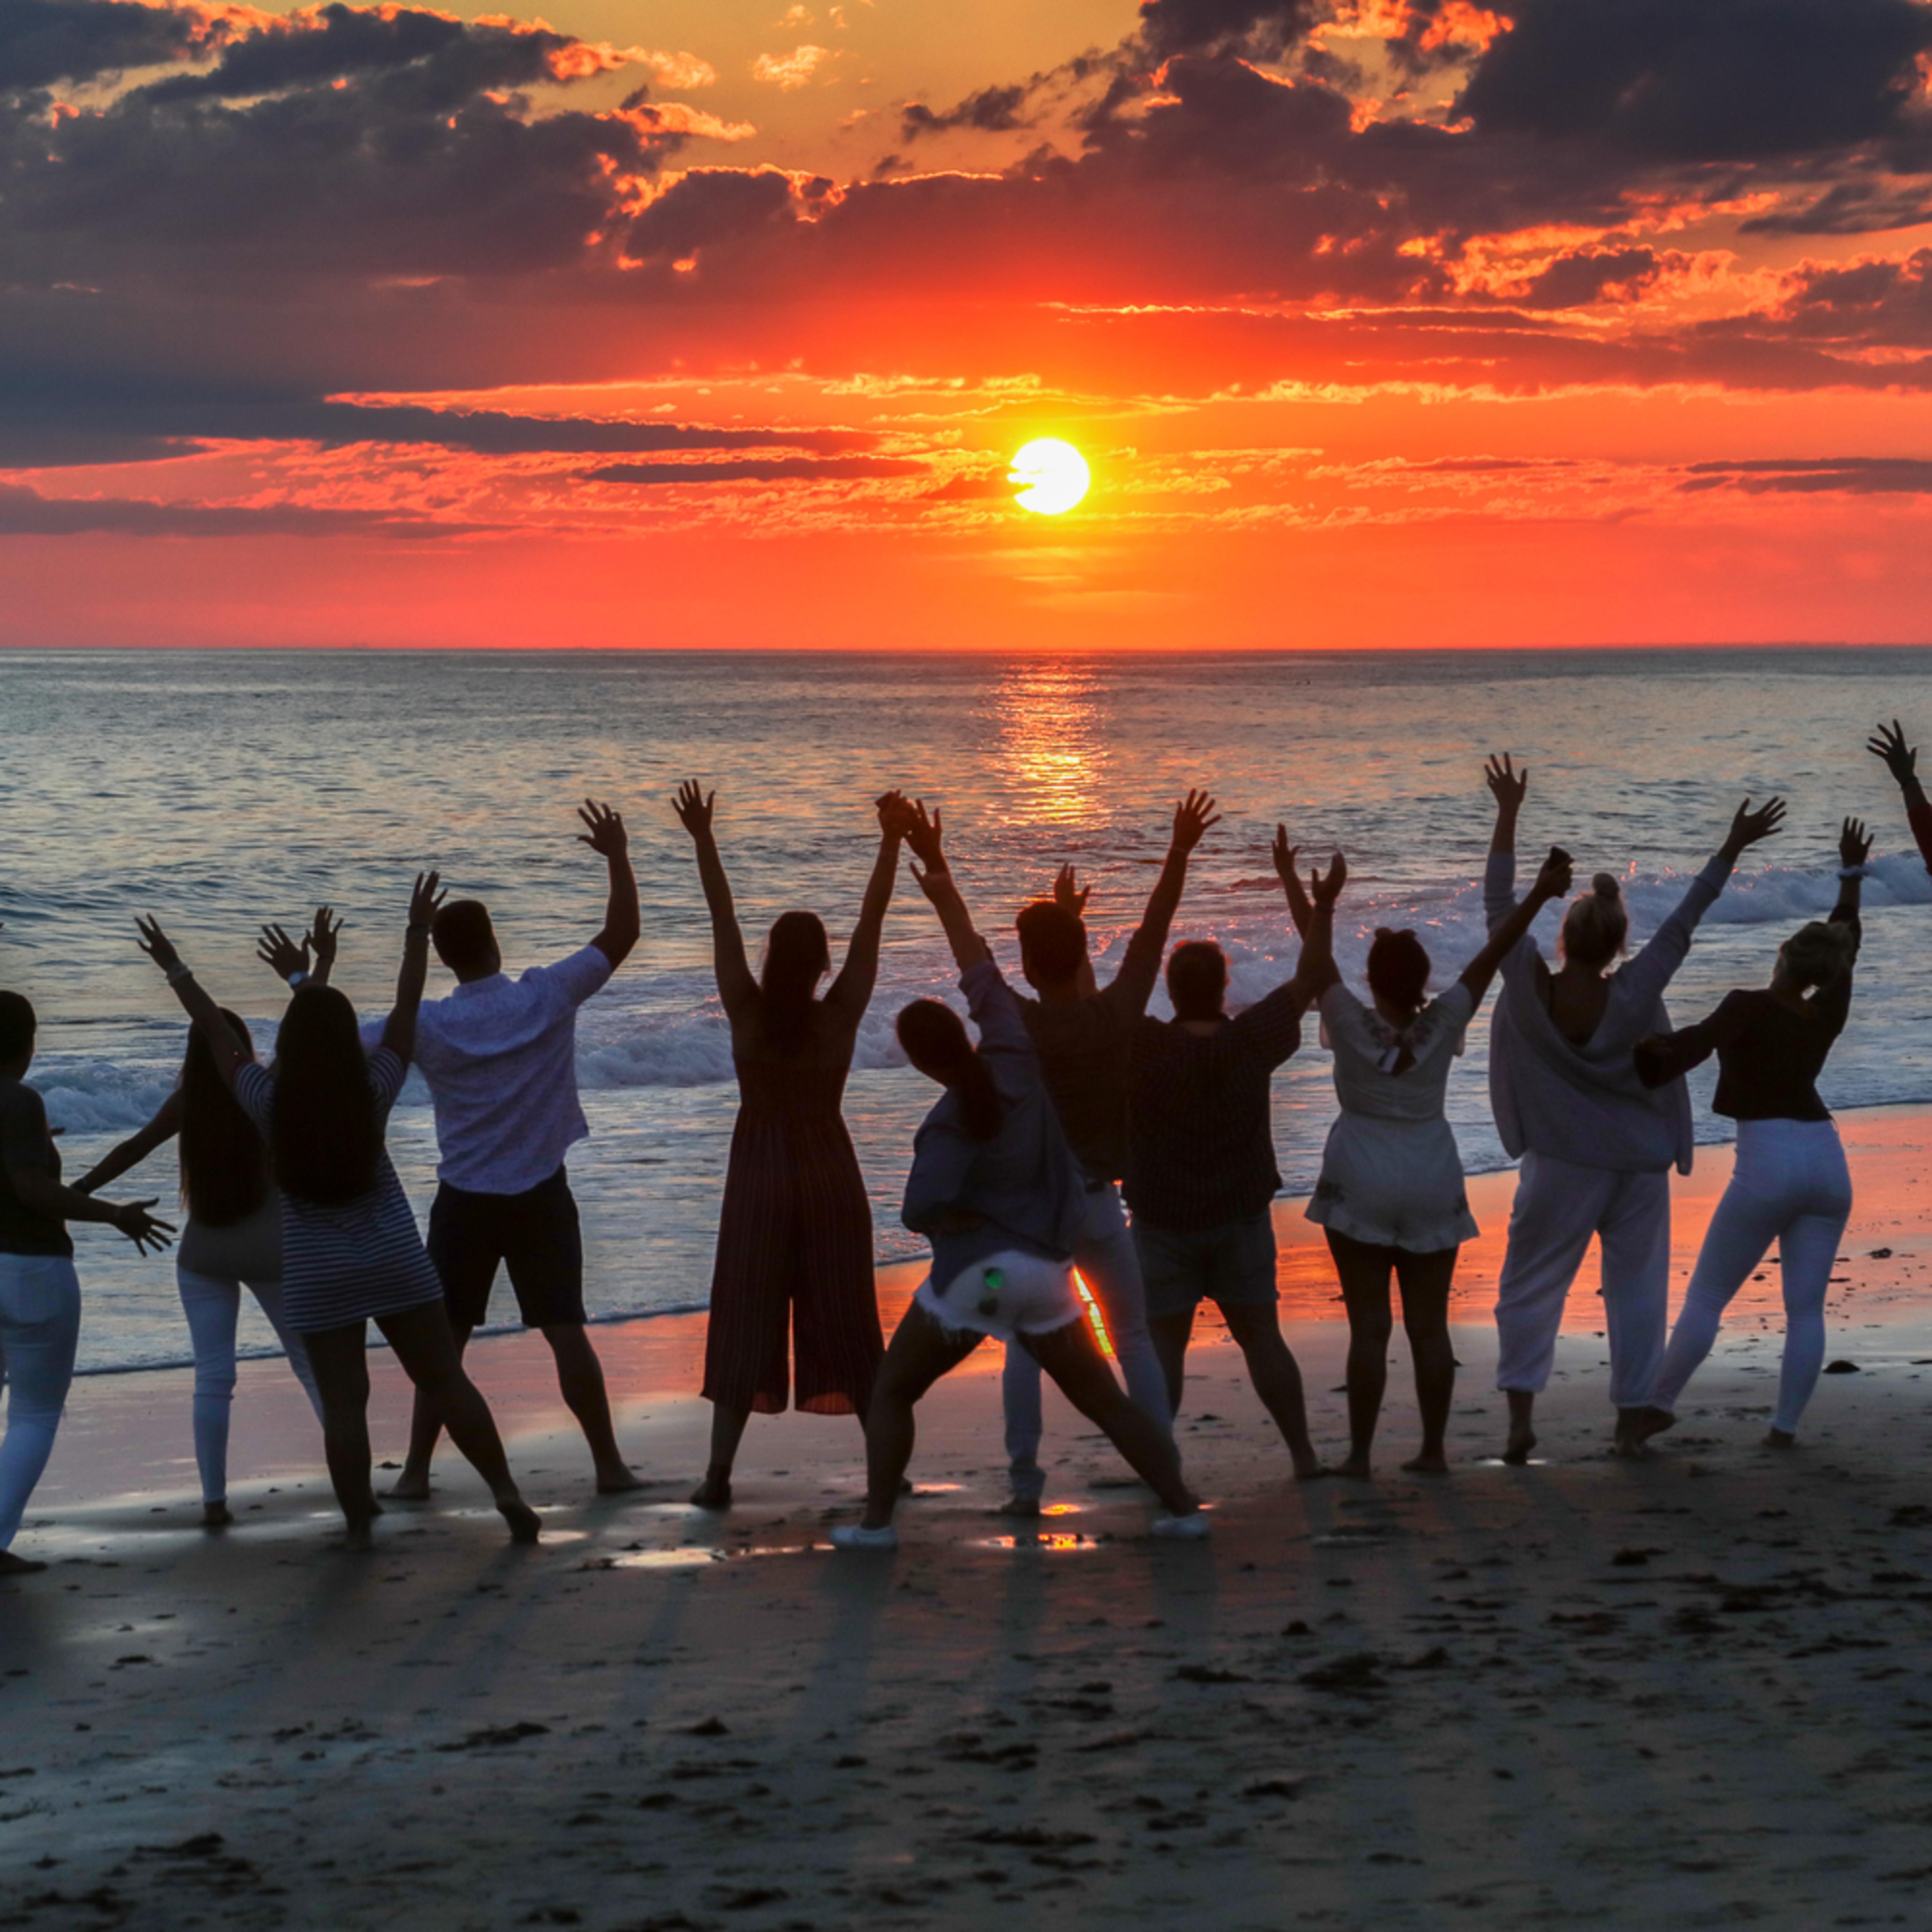 Moshup beach celebration v5nbjs